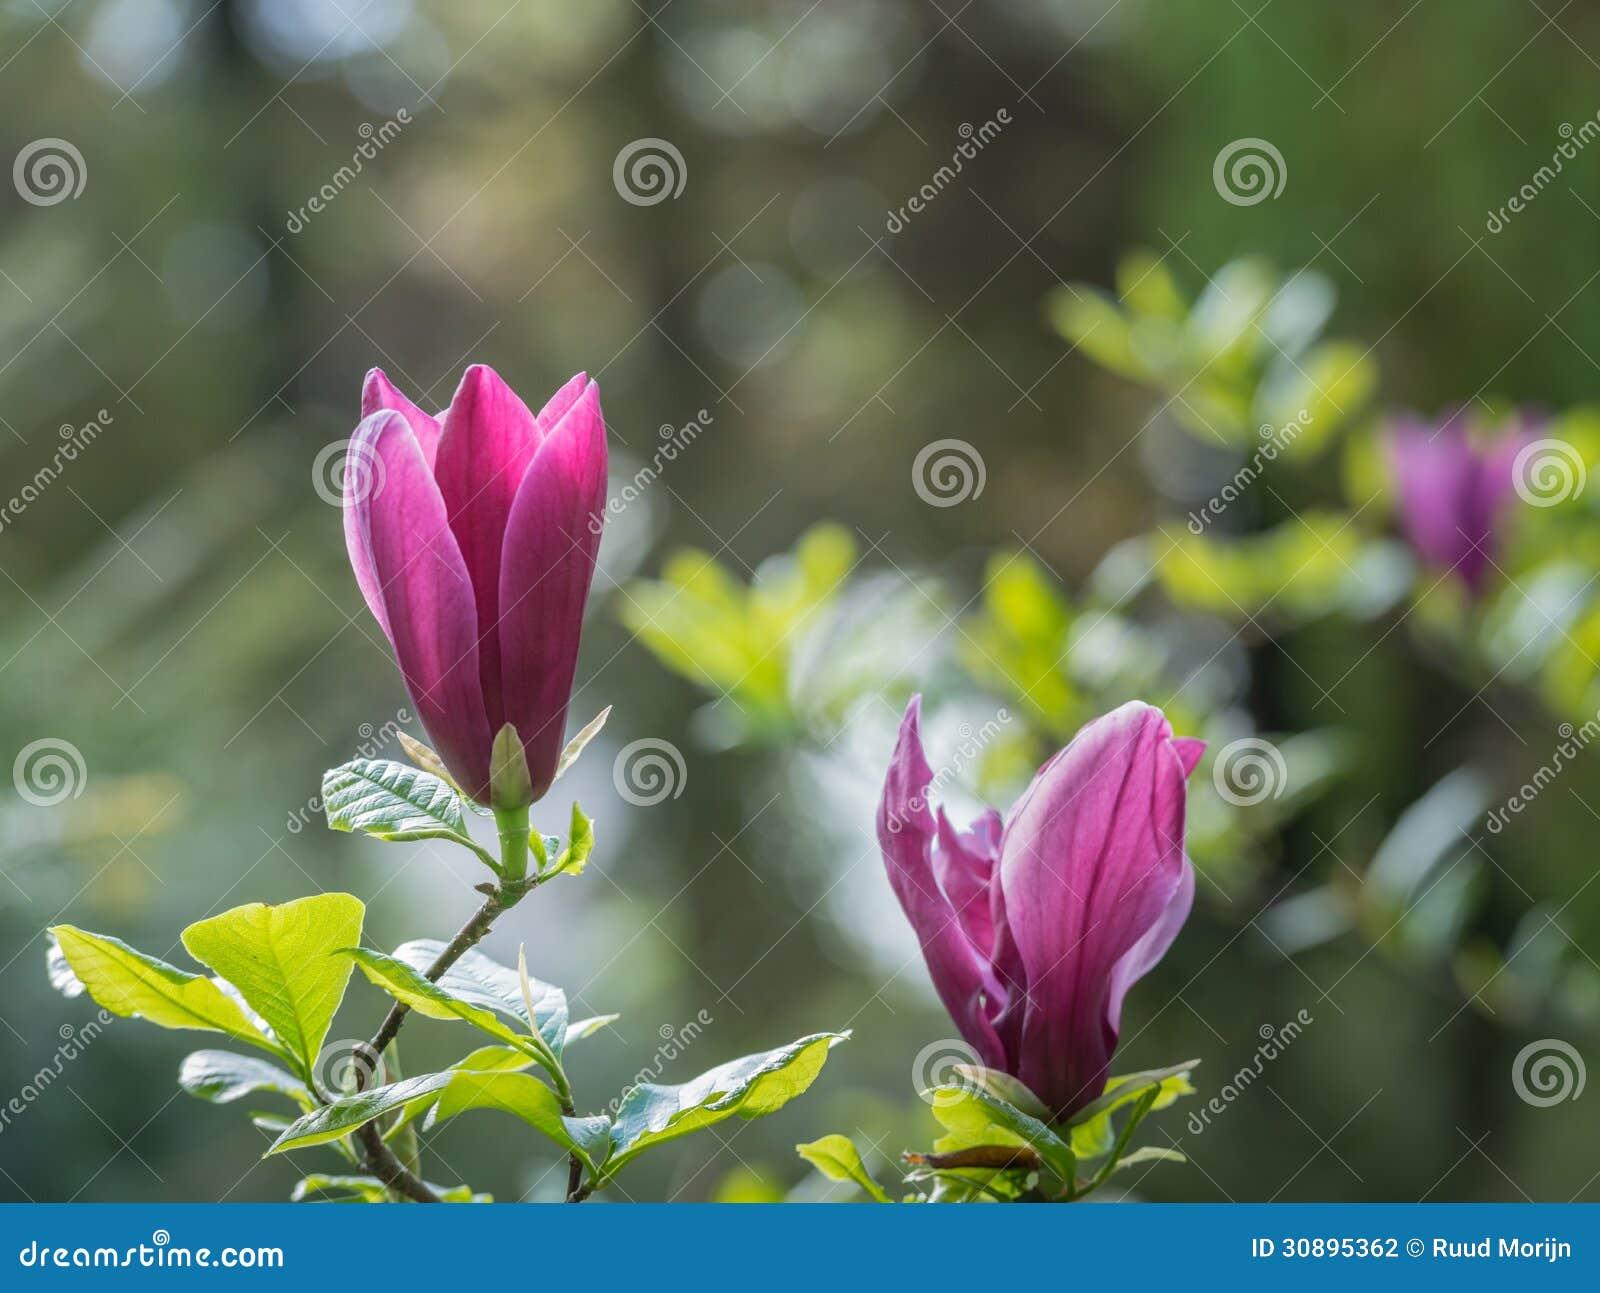 Magnolia Natural Resources